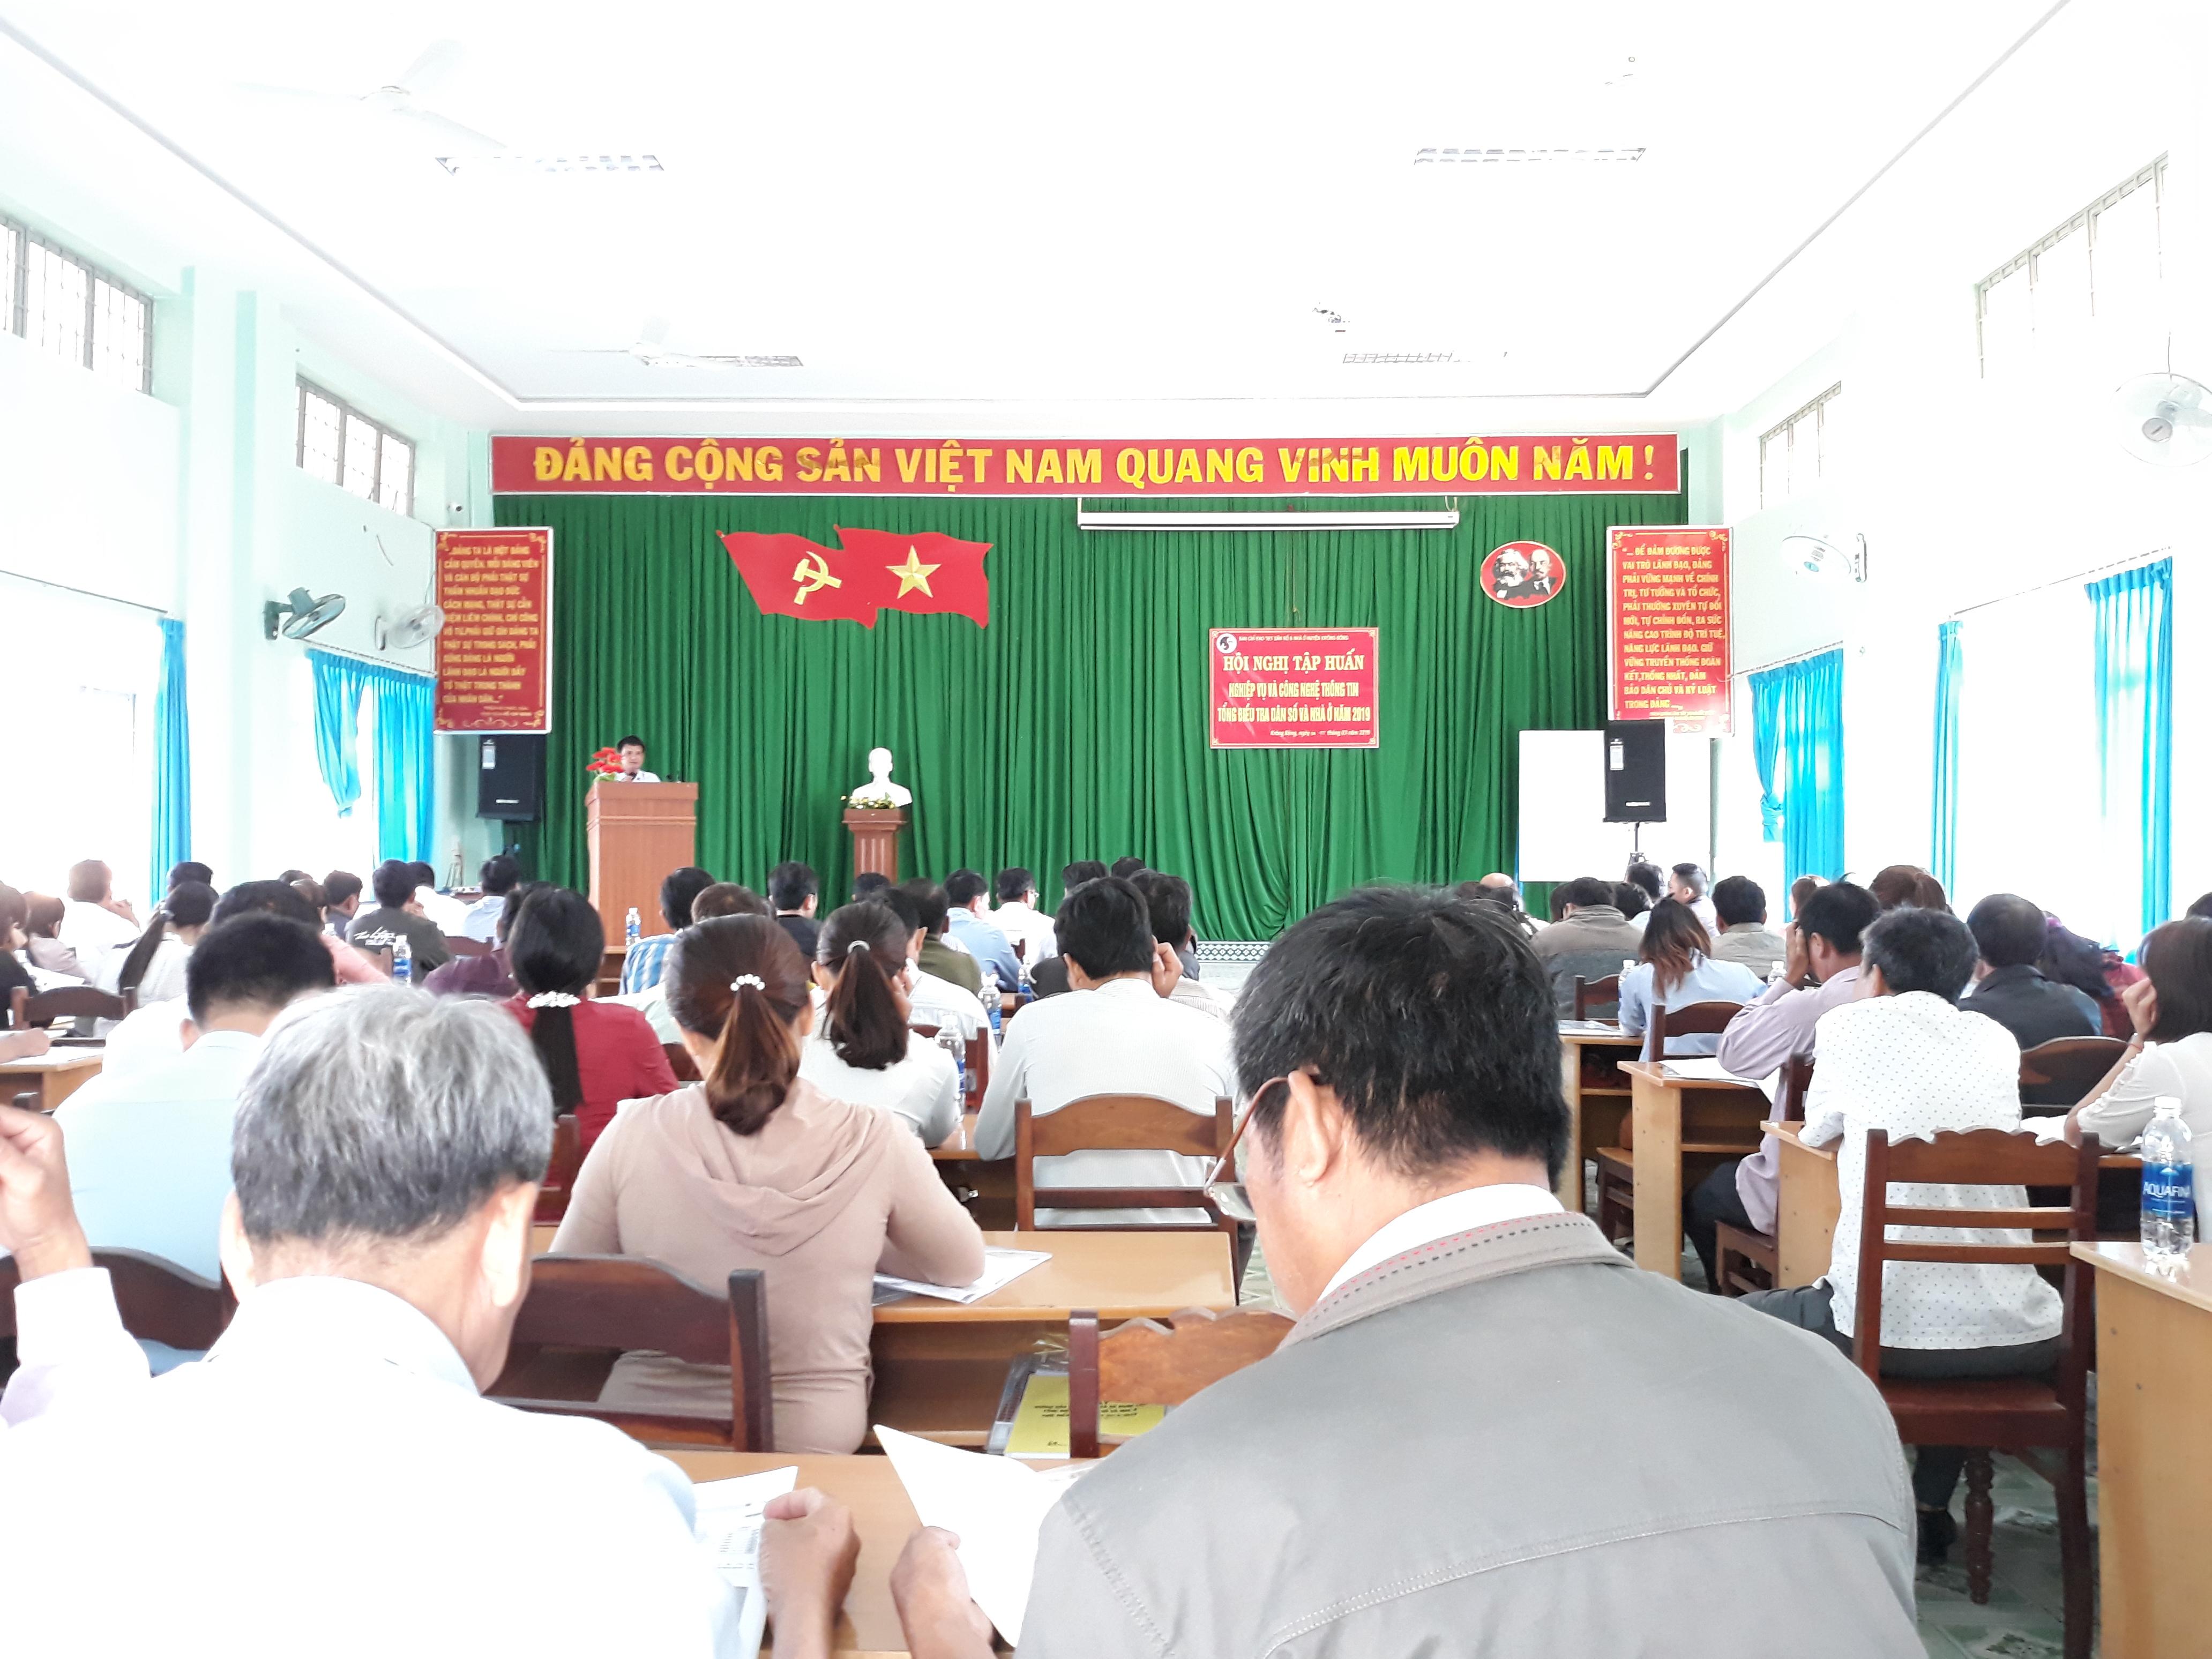 Huyện Krông Bông tổ chức Hội nghị tập huấn Nghiệp vụ và Công nghệ thông tin Tổng điều tra dân số và nhà ở năm 2019.